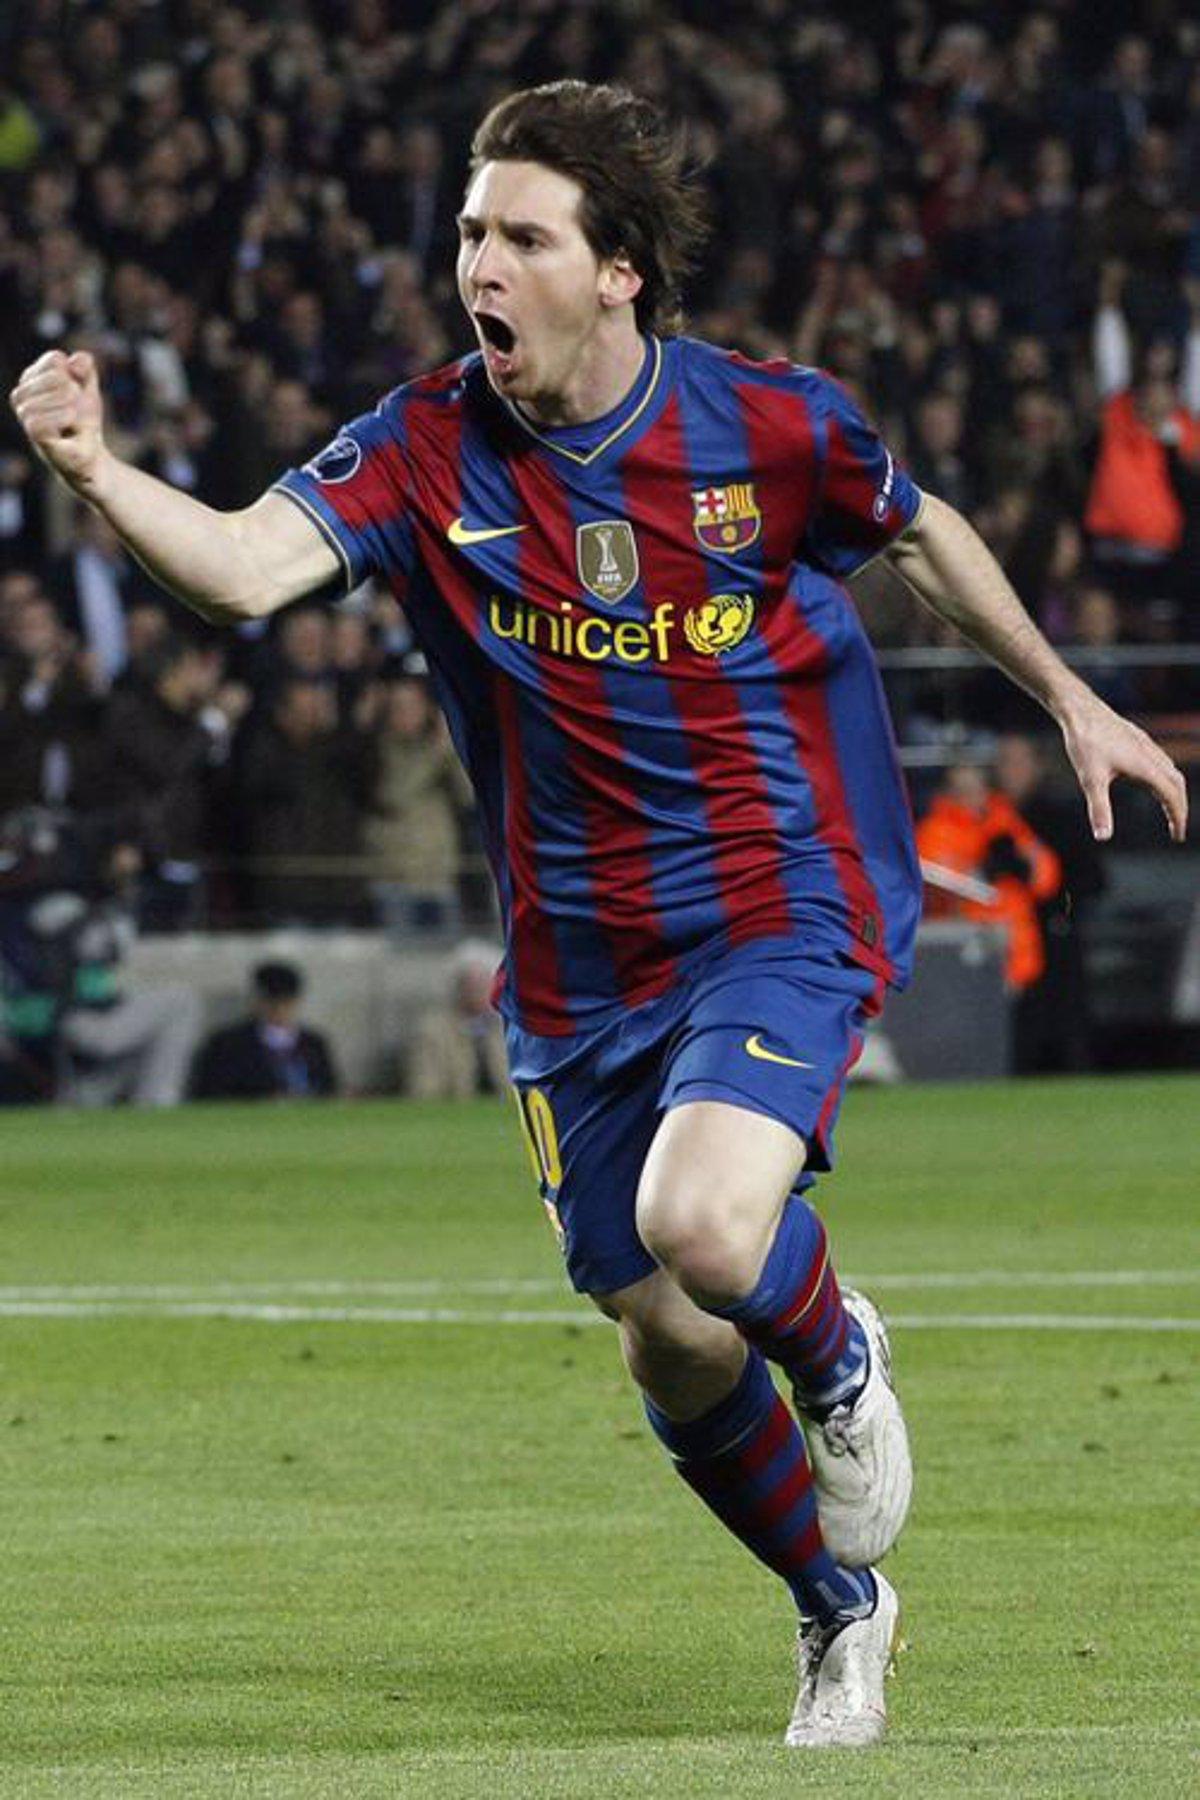 Y Fc Sevilla La Barcelona Abren Temporada 8n0mNvw